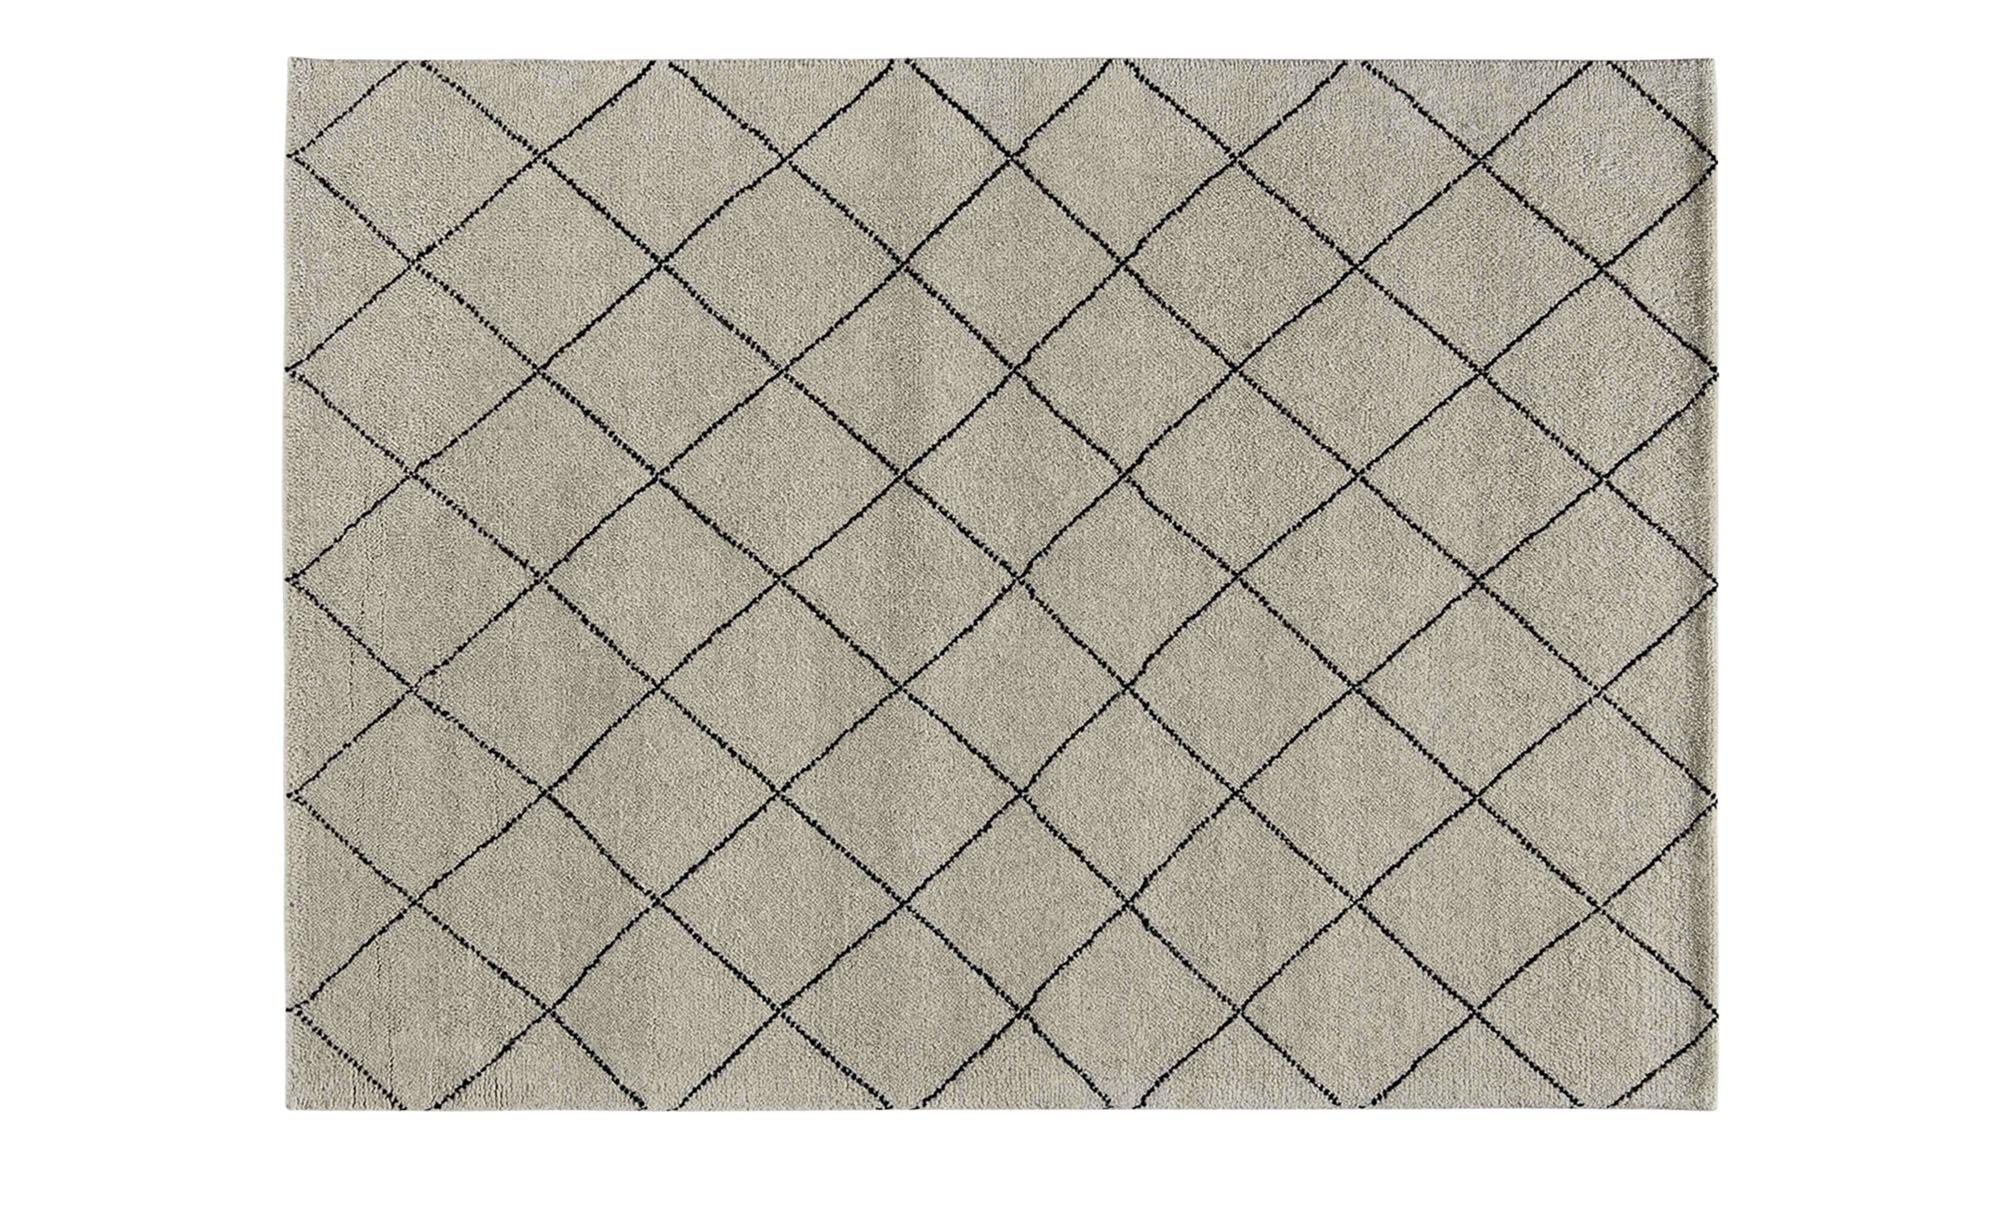 Berber-Teppich  Marrakesh Design simple - grau - reine Wolle, Wolle - 70 cm - Teppiche > Wohnteppiche > Naturteppiche - Möbel Kraft | Heimtextilien > Teppiche > Berberteppiche | Möbel Kraft